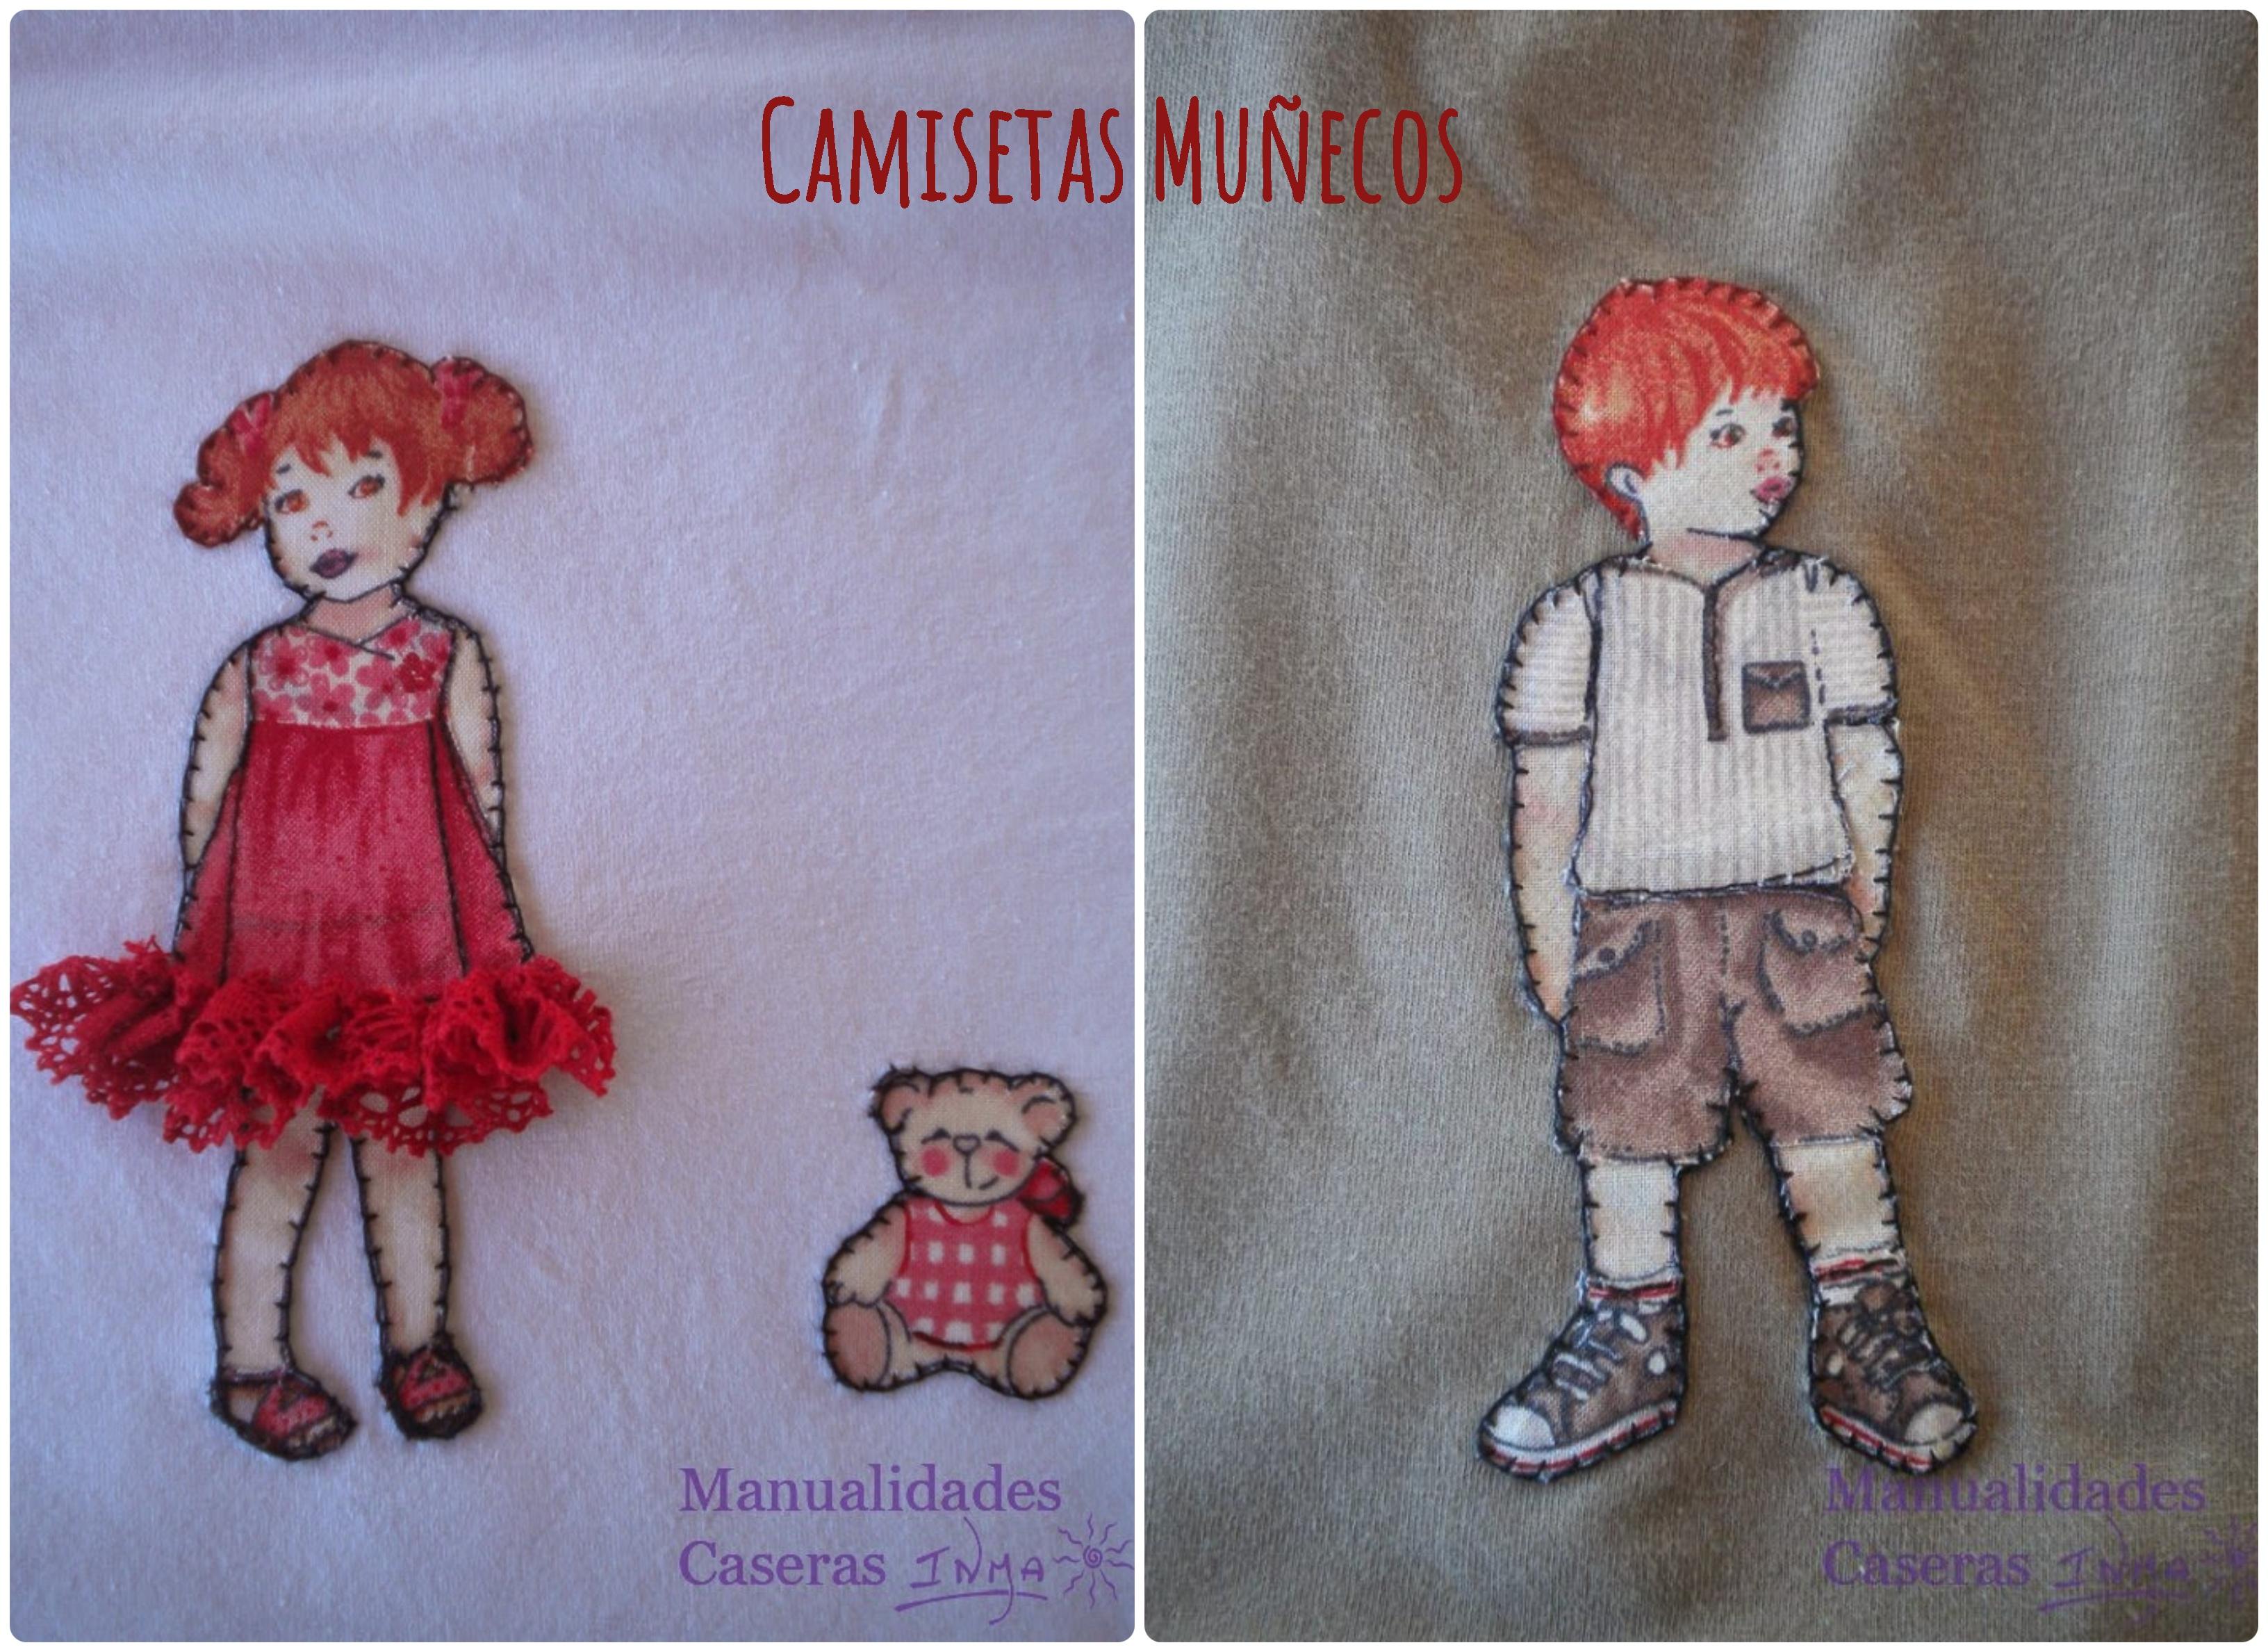 Manualidades Caseras Inma Camisetas decorados con muñecos